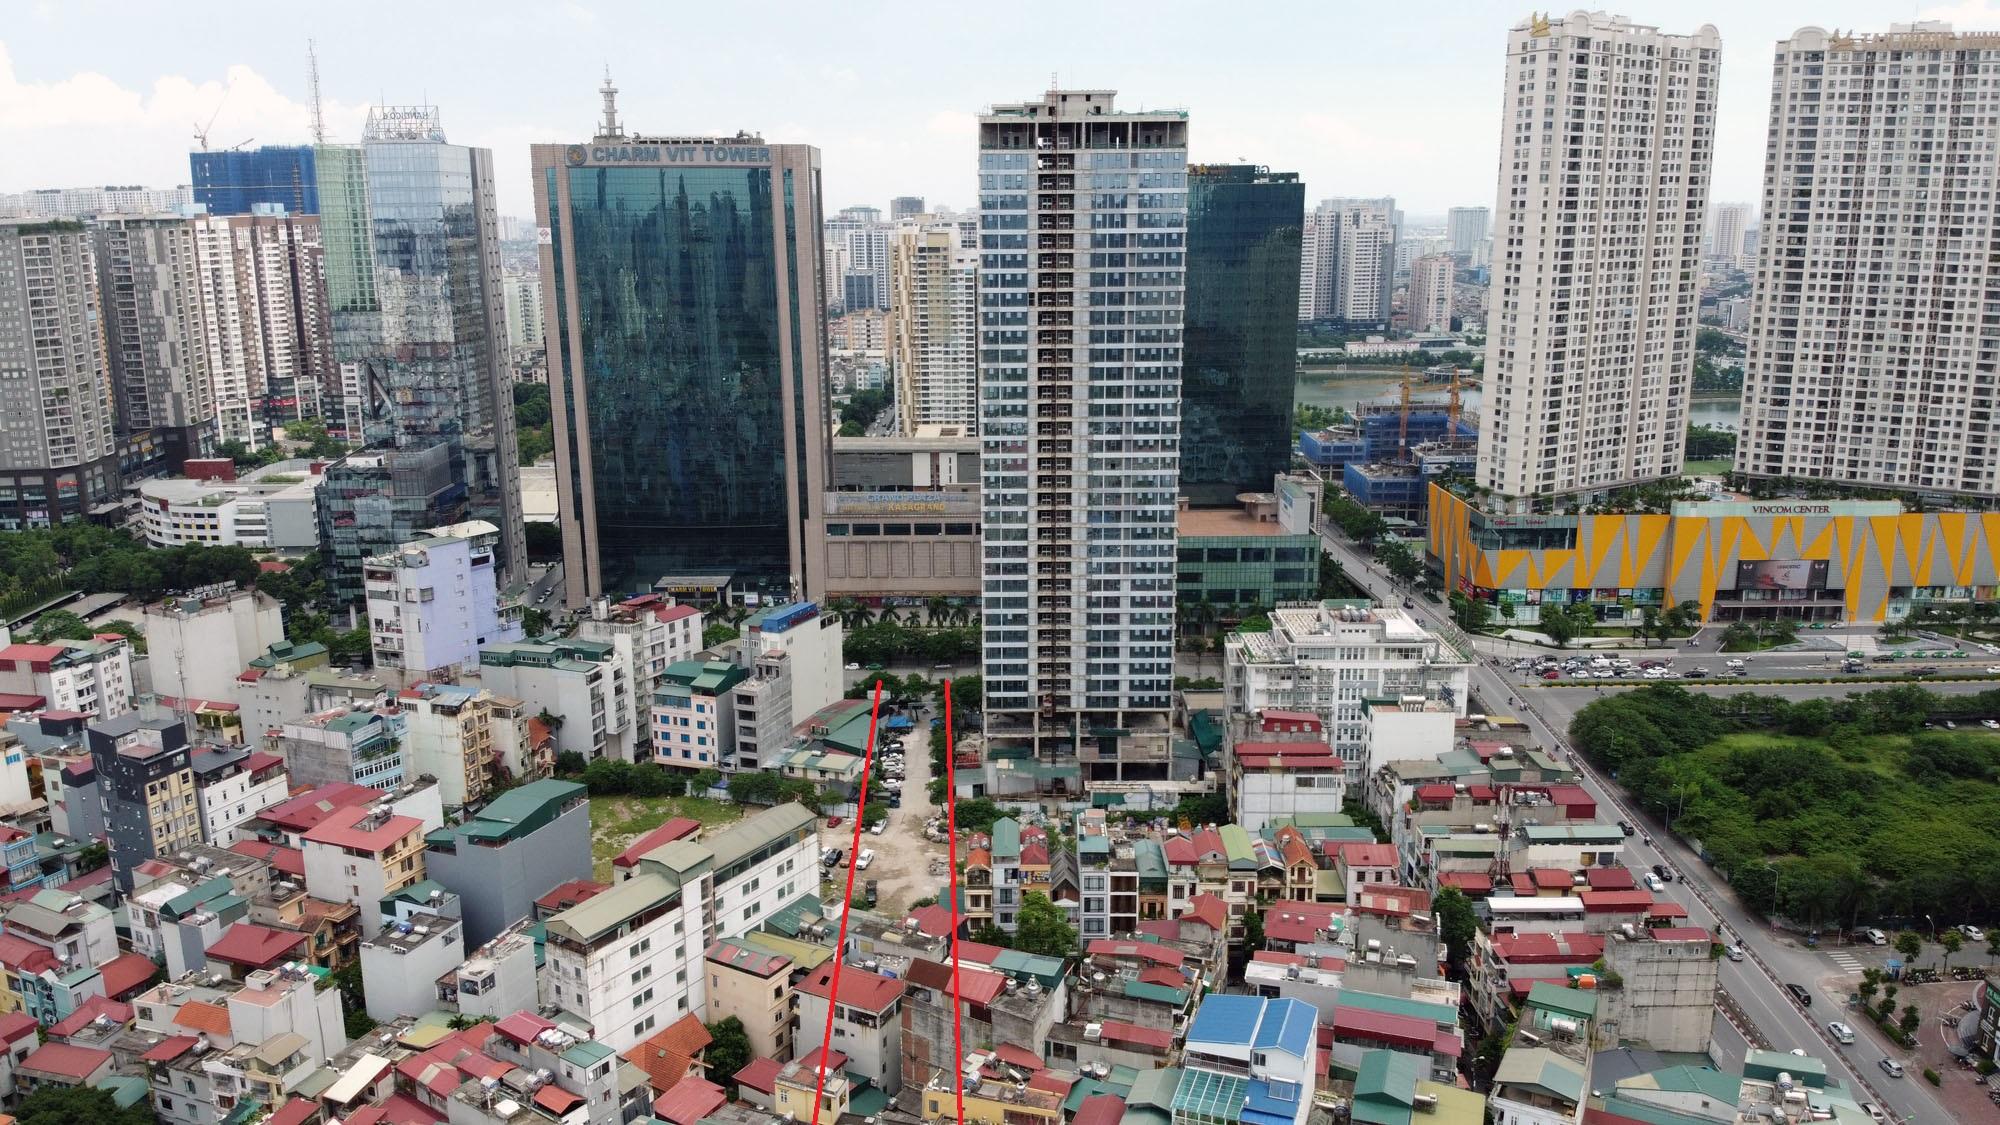 Ba đường sẽ mở theo qui hoạch ở phường Trung Hòa, Cầu Giấy, Hà Nội - Ảnh 14.